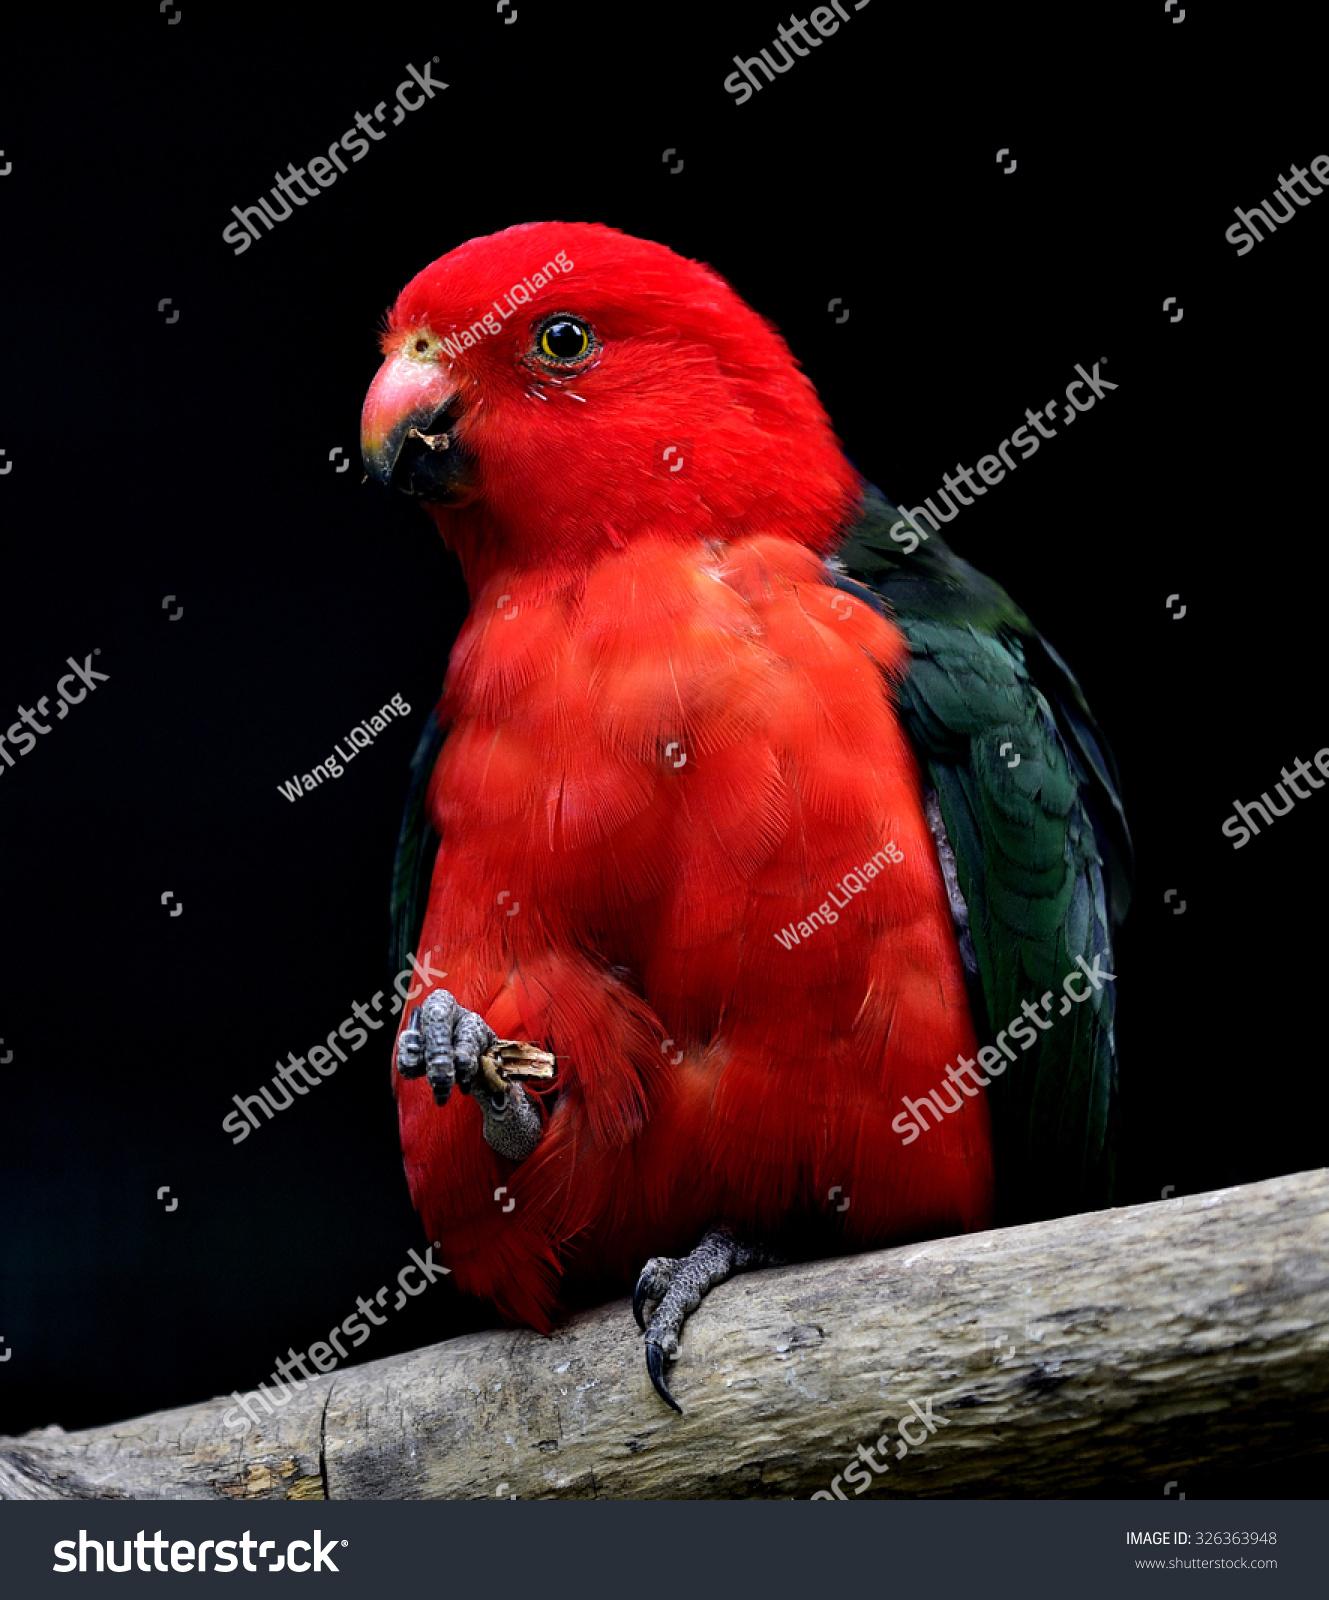 澳大利亚国王鹦鹉-动物/野生生物